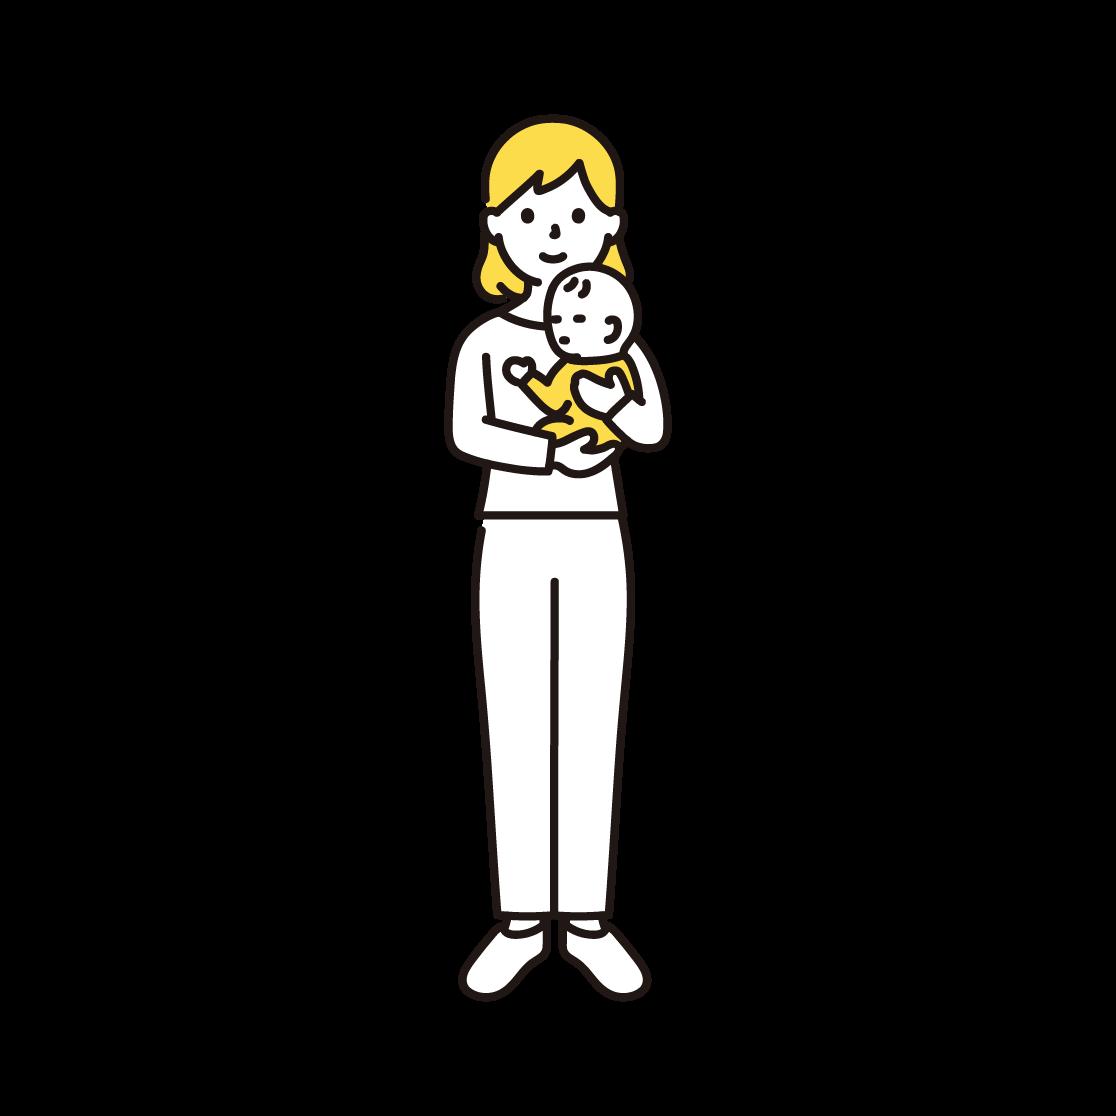 赤ちゃんを抱く女性のイラスト(単色)